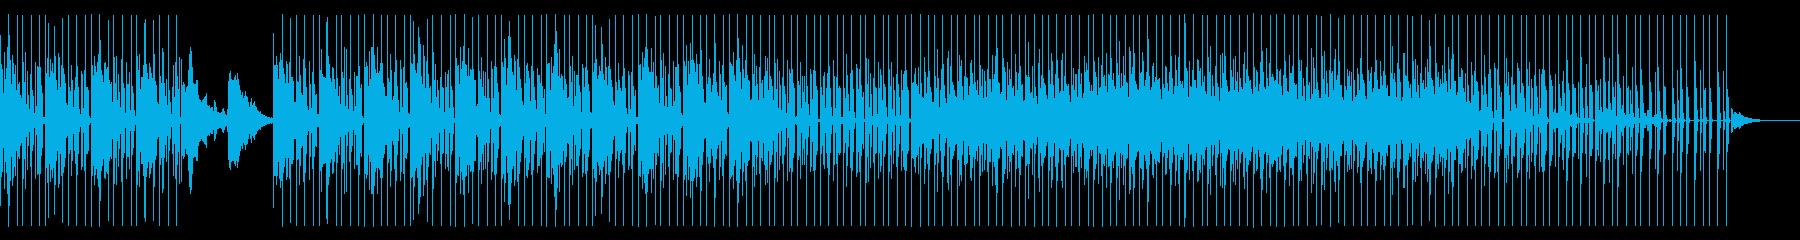 ミニマル系なクールビートとシンセサウンドの再生済みの波形